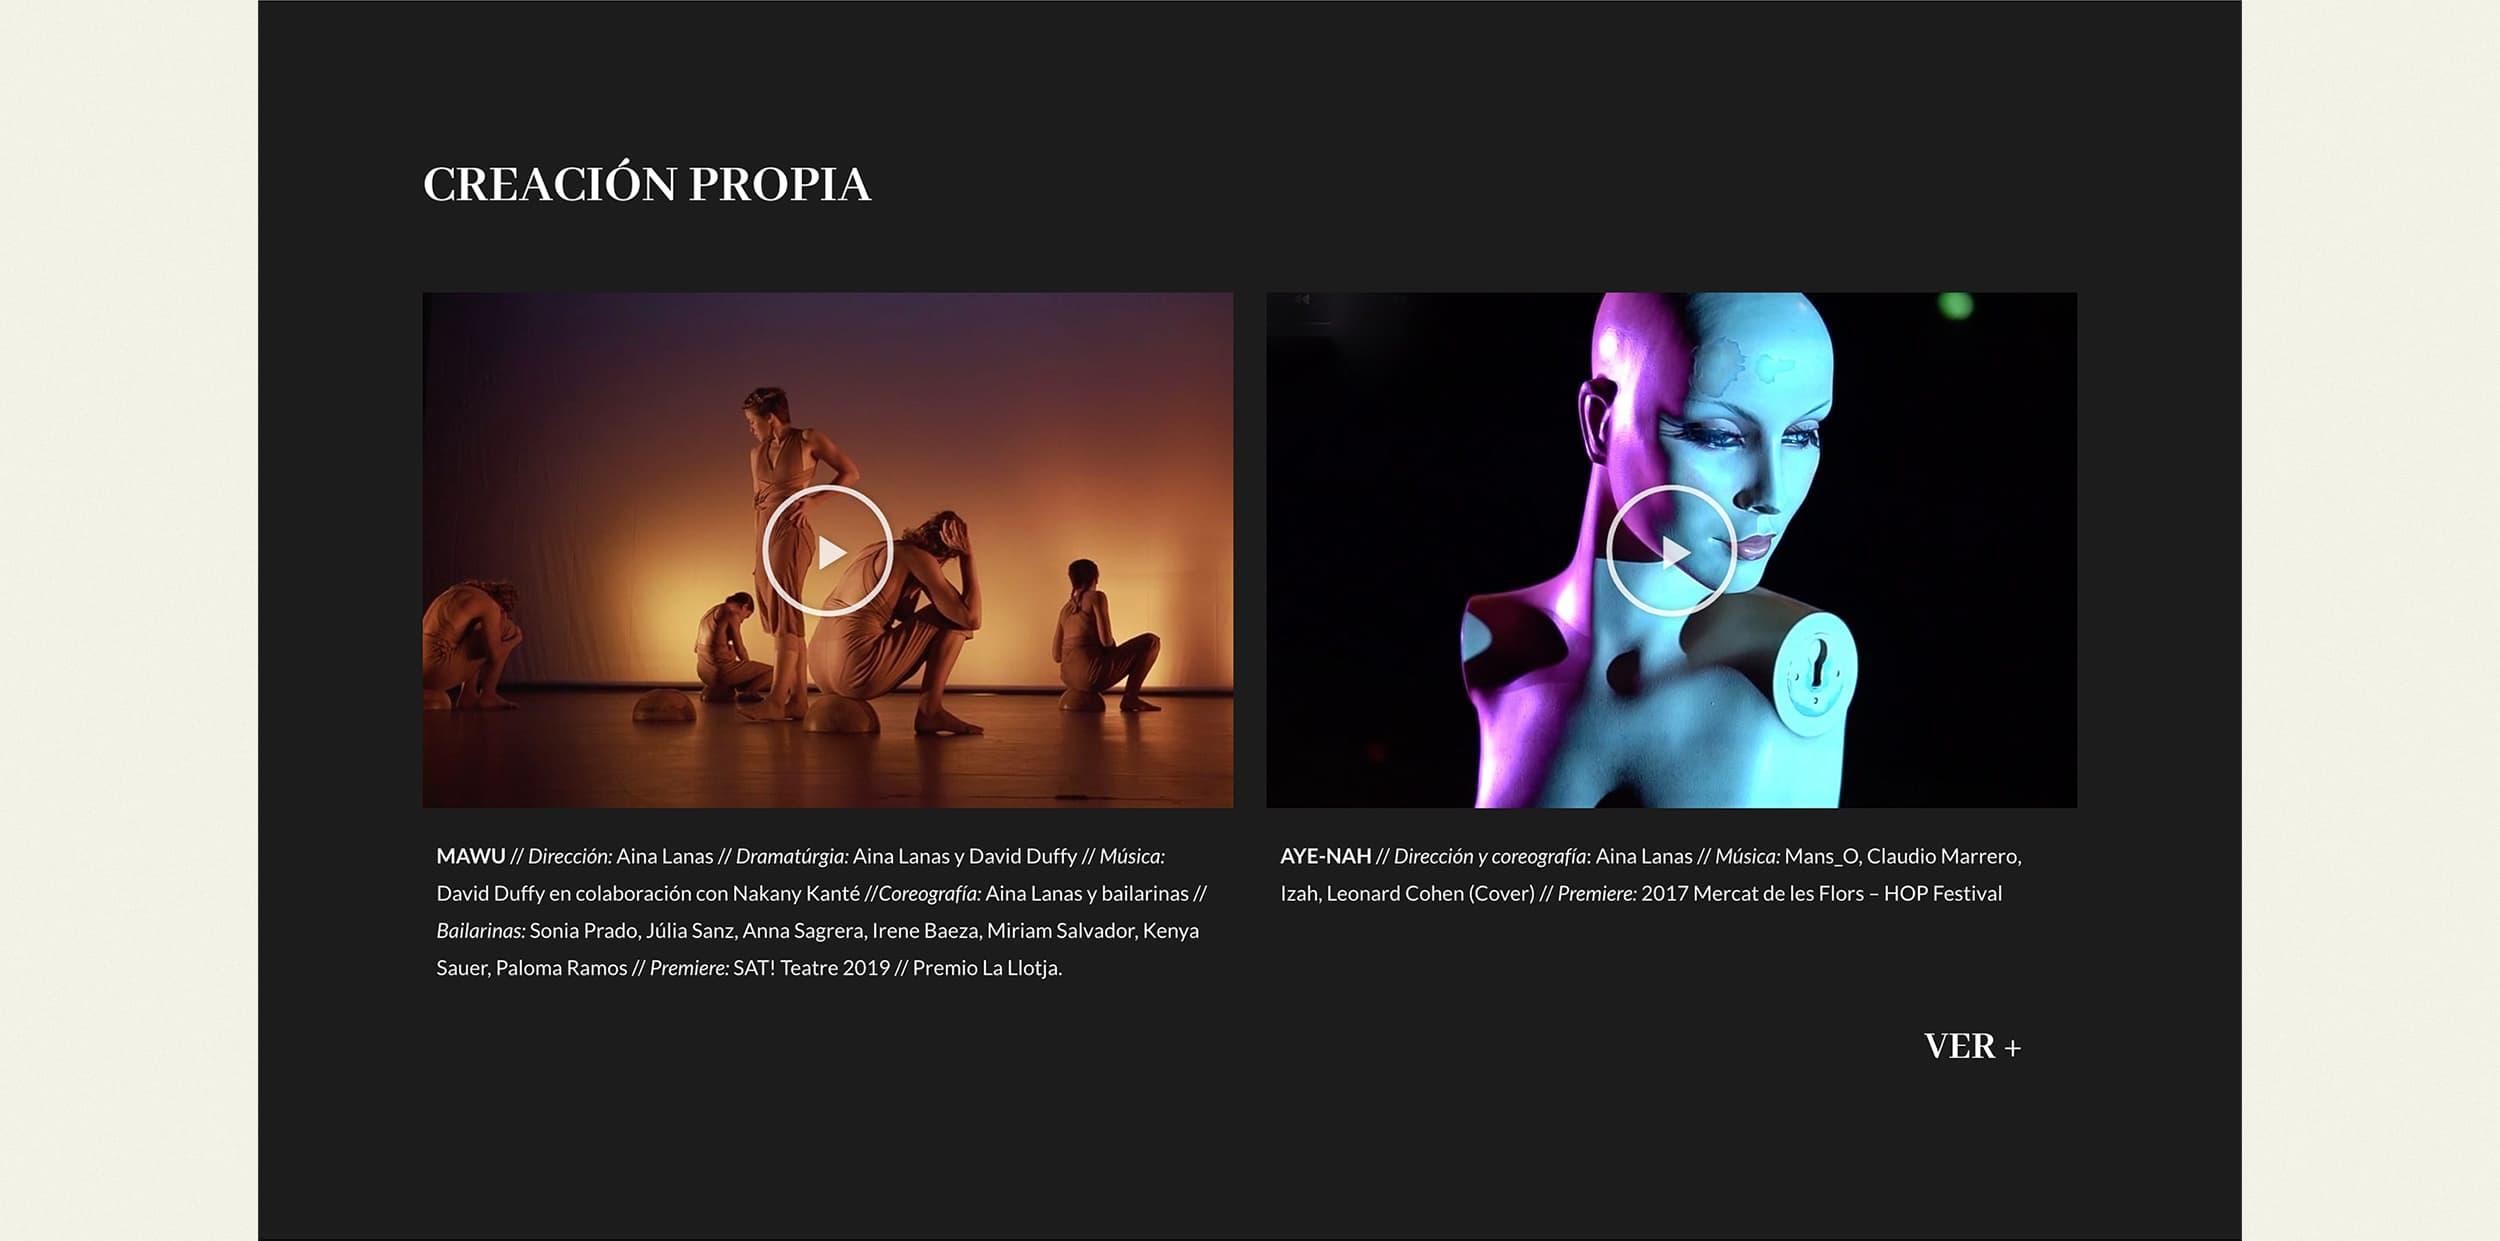 Ancar Studio - Aina Lanas Web Creación Propia